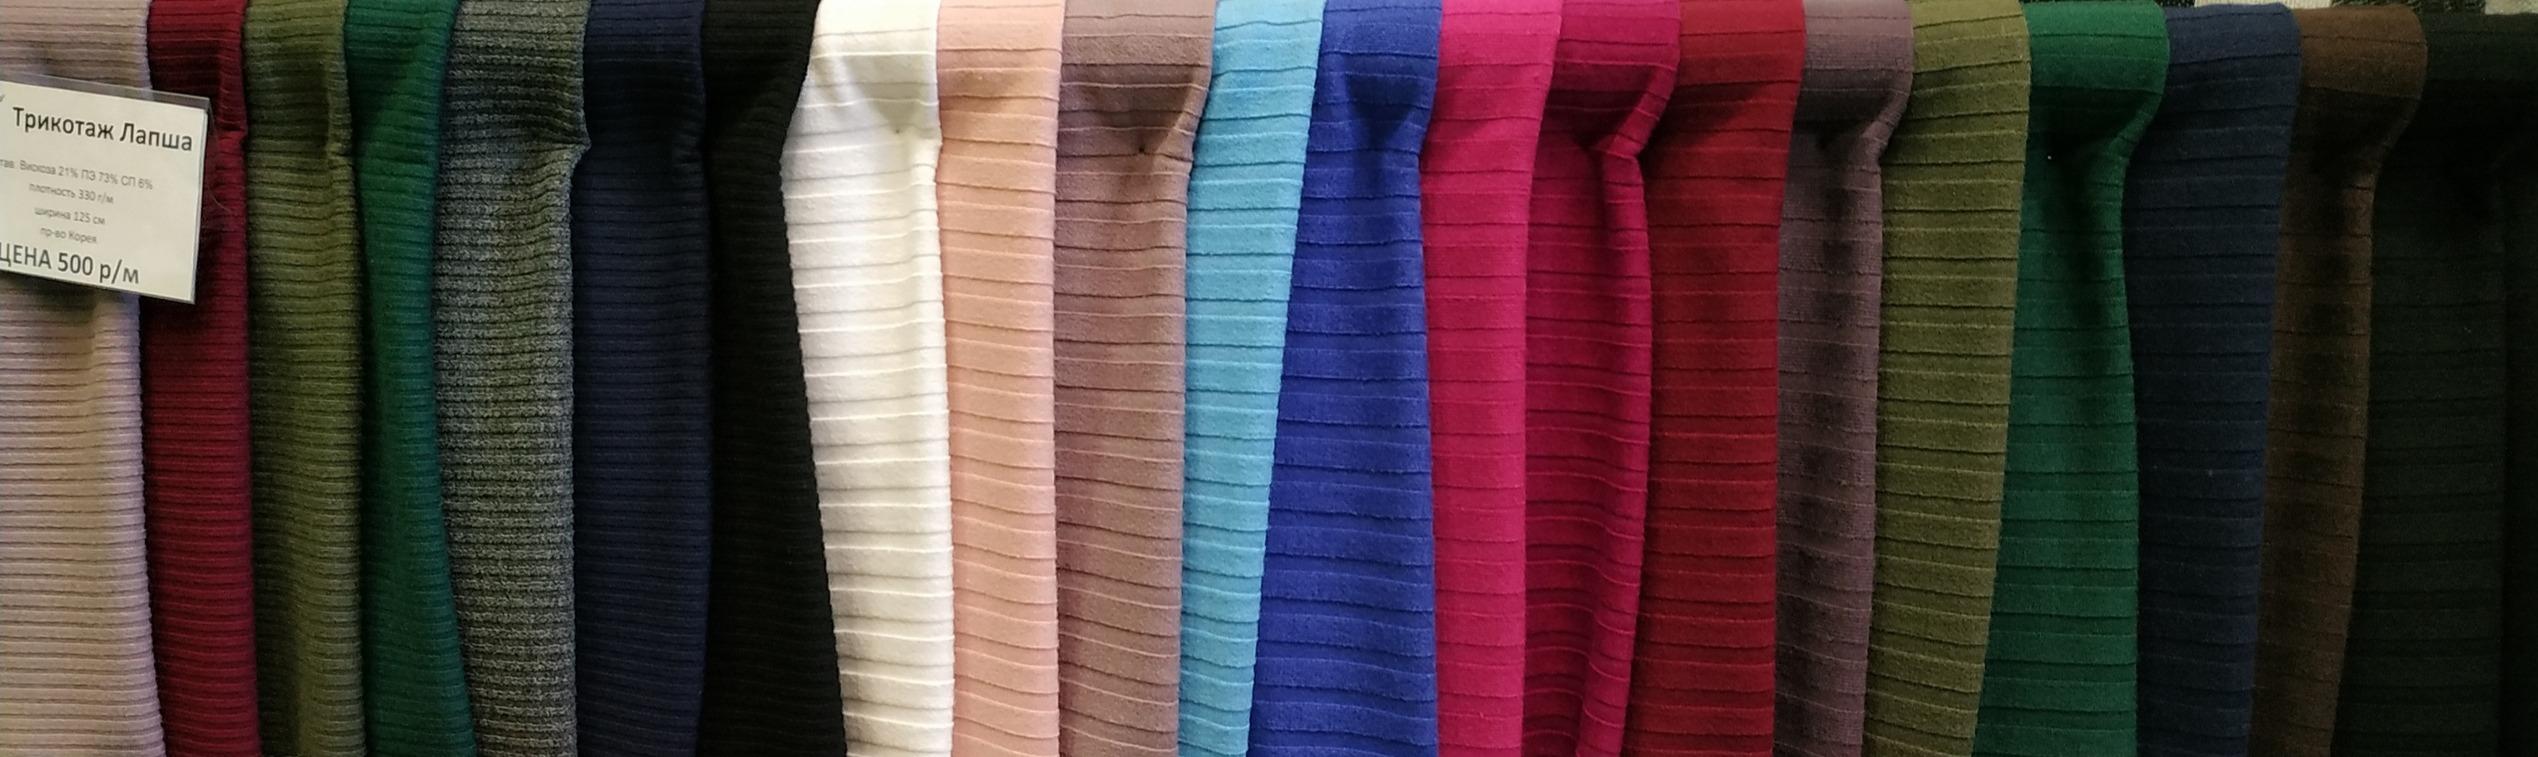 Купить ткань лапша трикотажная ткани в ульяновске купить